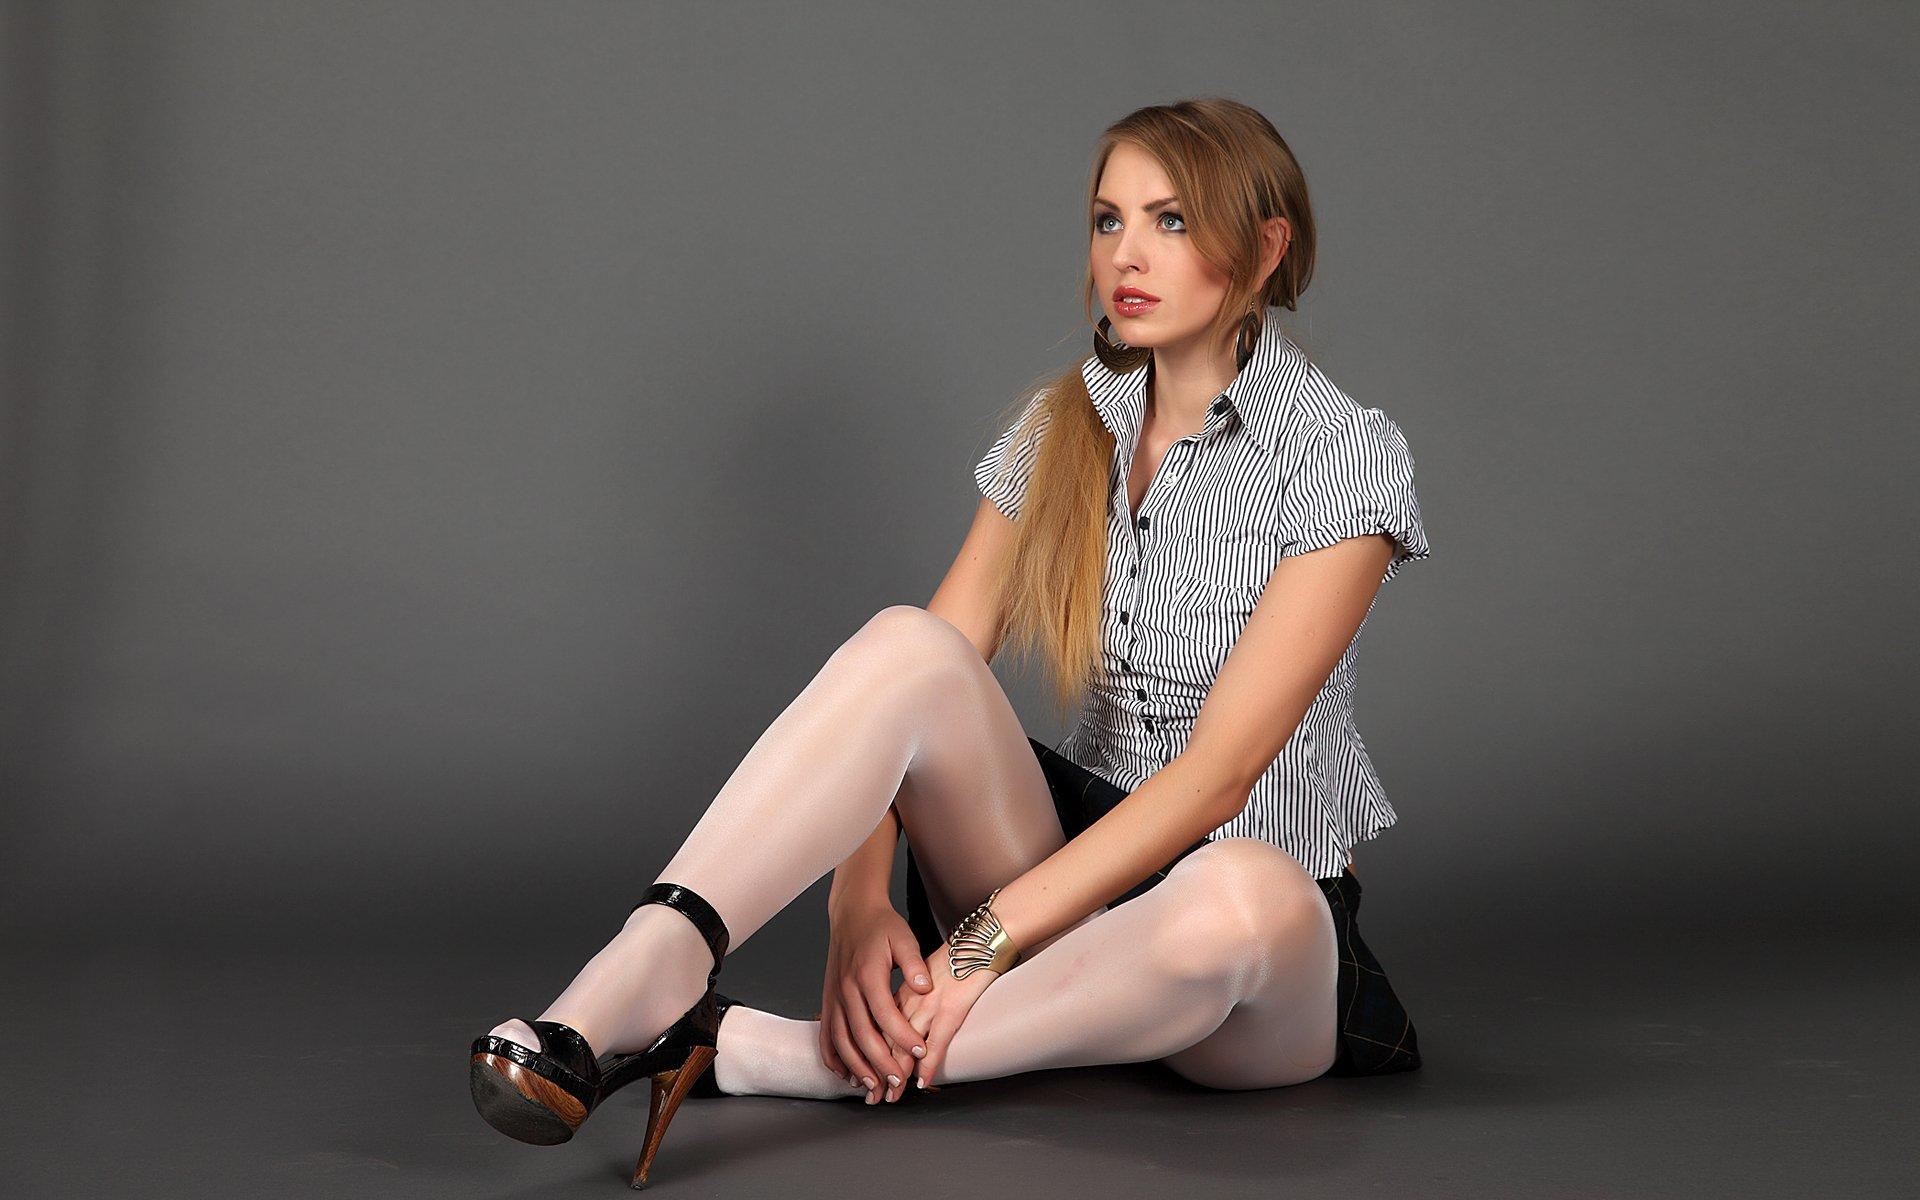 Фото ножки в босоножках и нейлоне 18 фотография